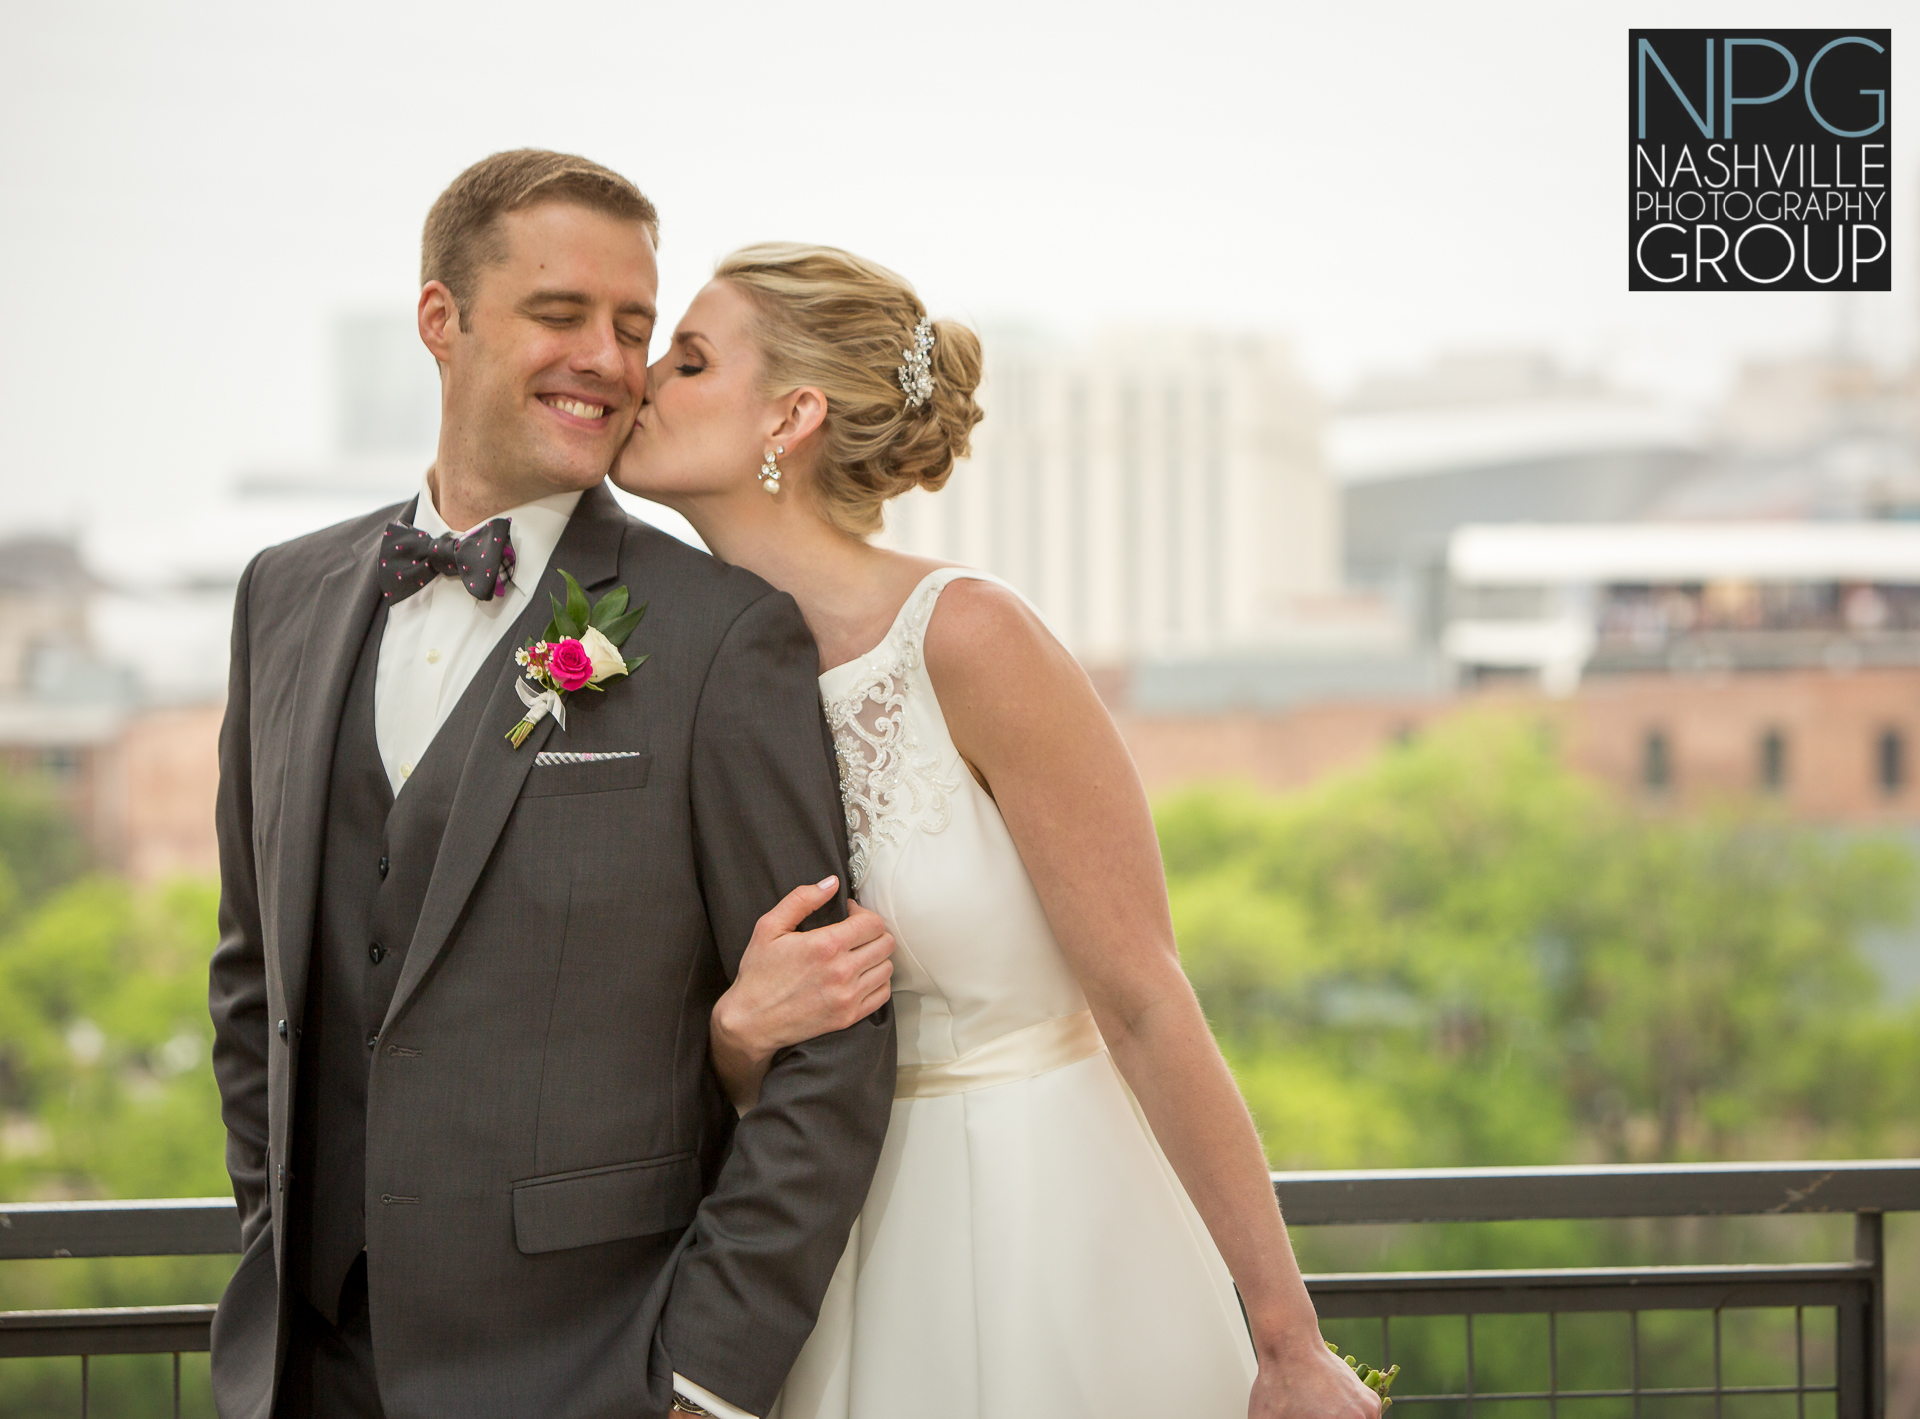 Nashville Photography Group - wedding photographers (1 of 2)-2.jpg